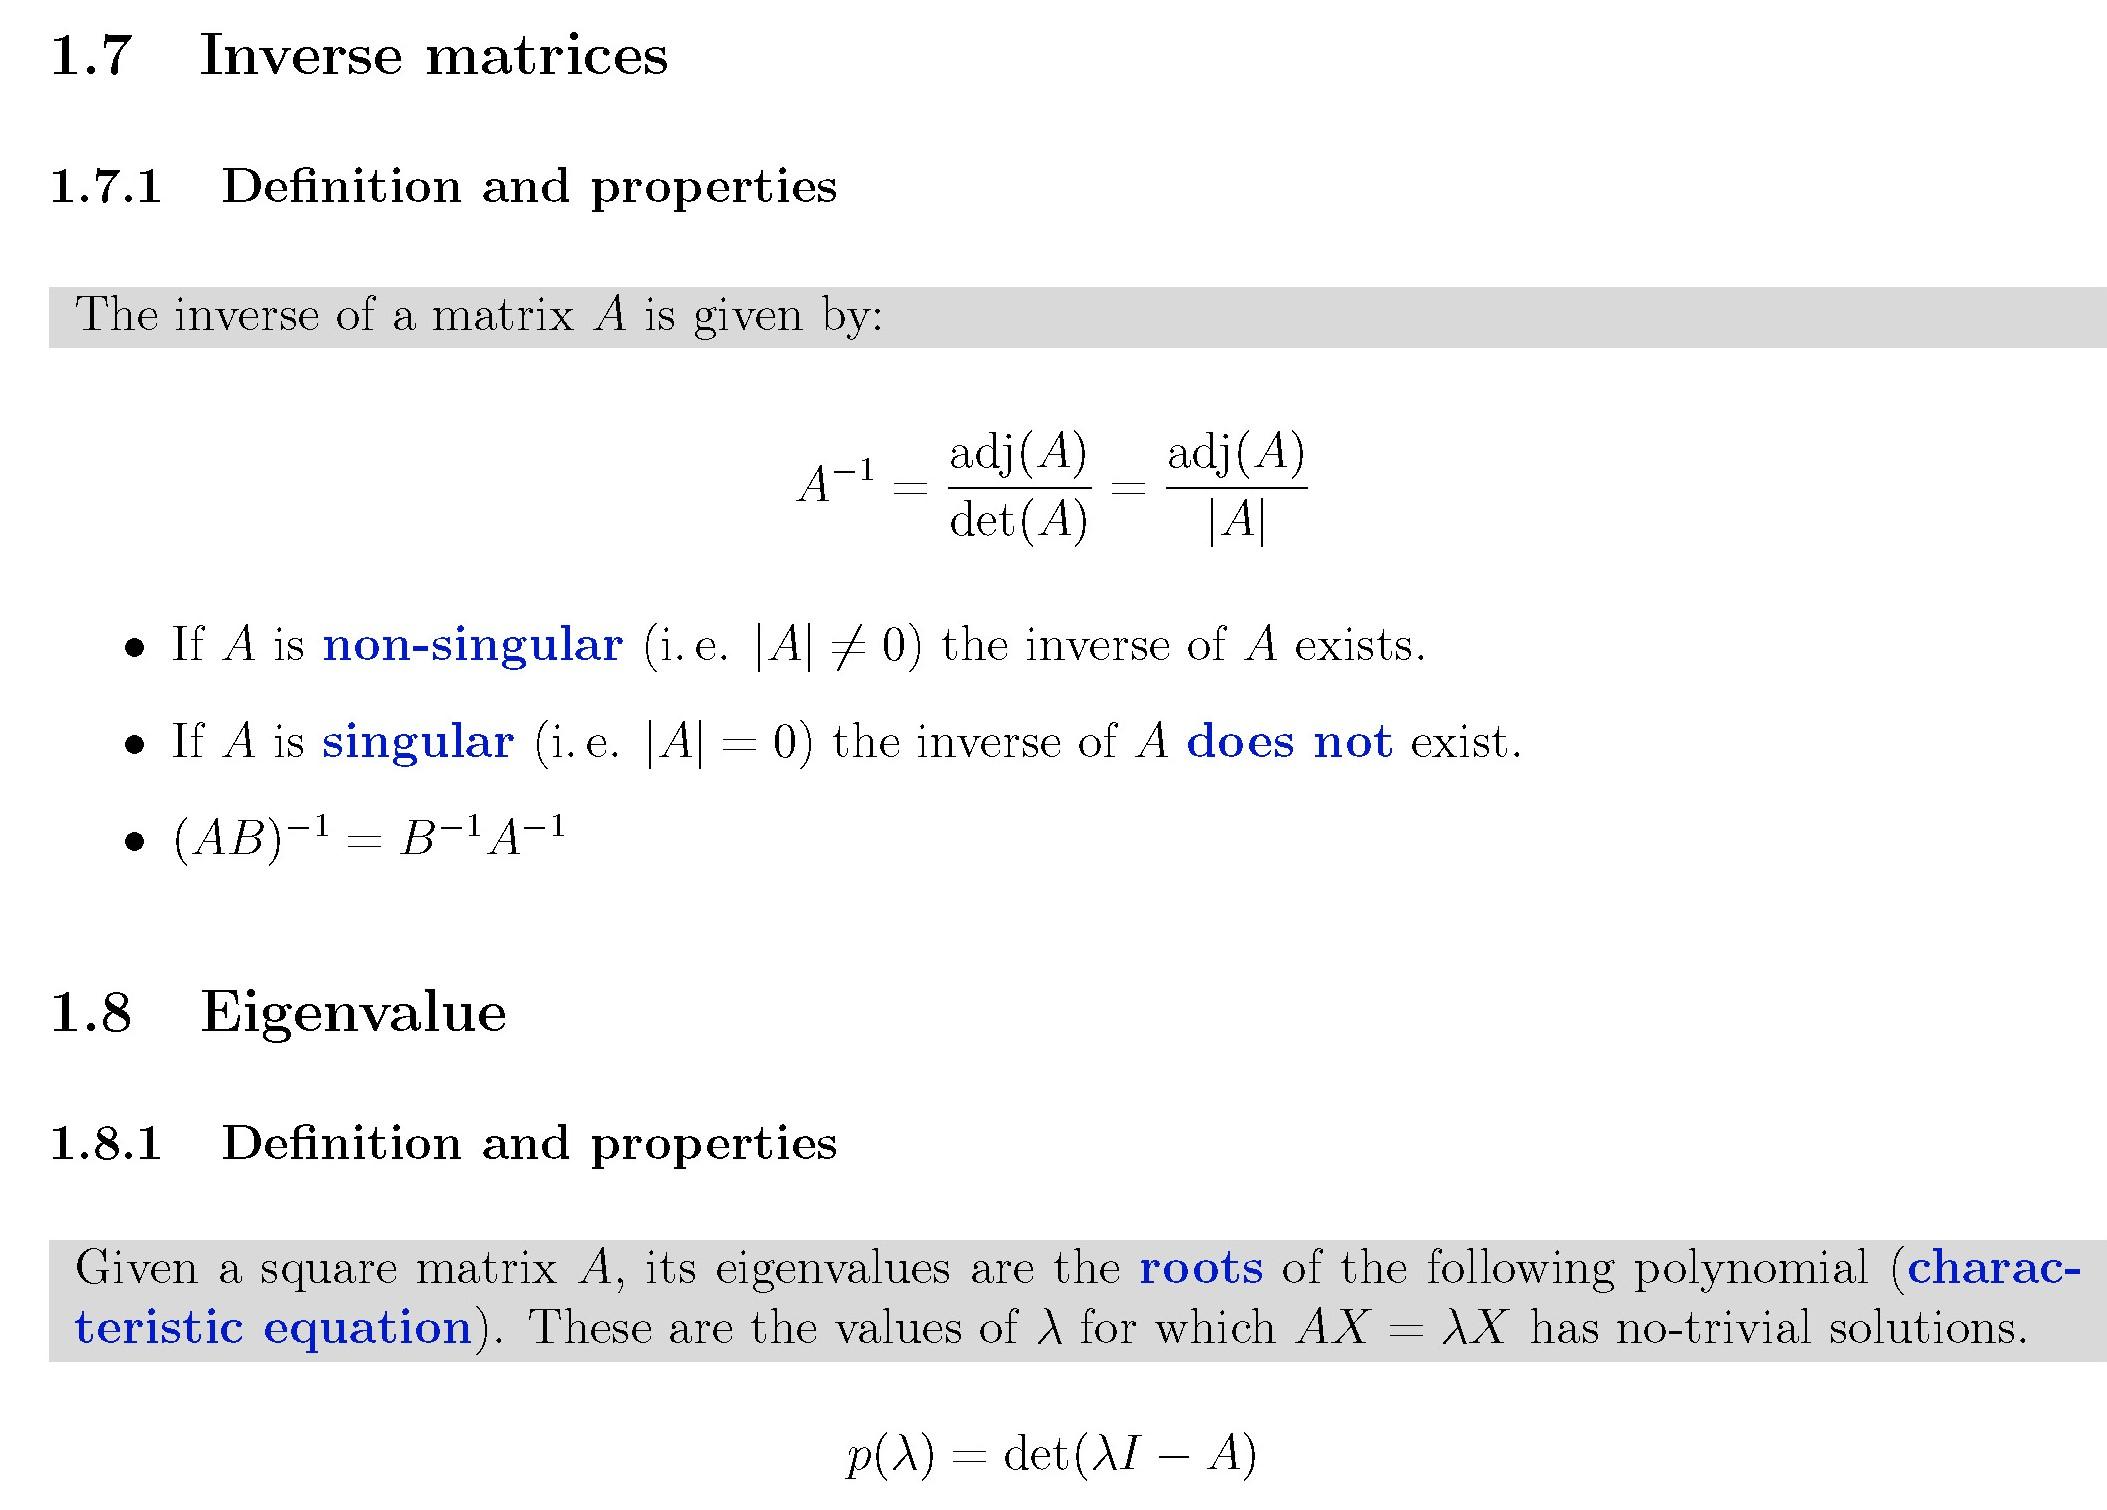 Auszug aus der privaten Formelsammlung für das Fach Modern Control (Regelungstechnik 2, Matrizenrechnung) der Newcastle University - gezeigt wird die Inverse Matrix und Eigenwerte